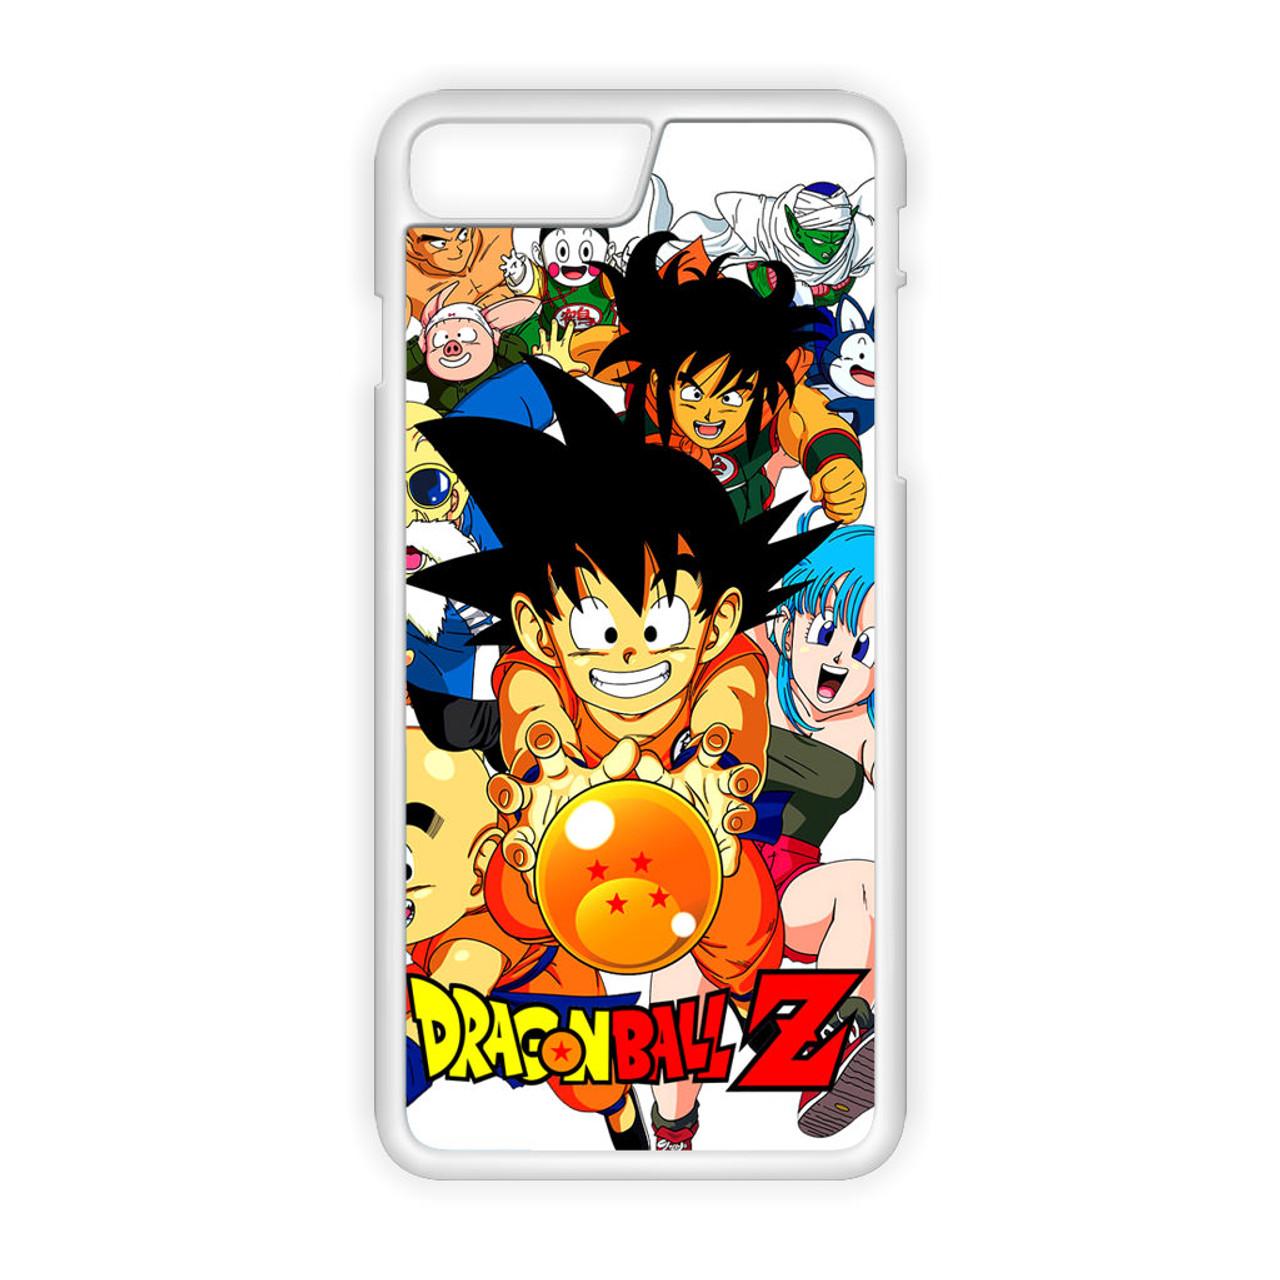 Dragon Ball XenoVerse iphone case